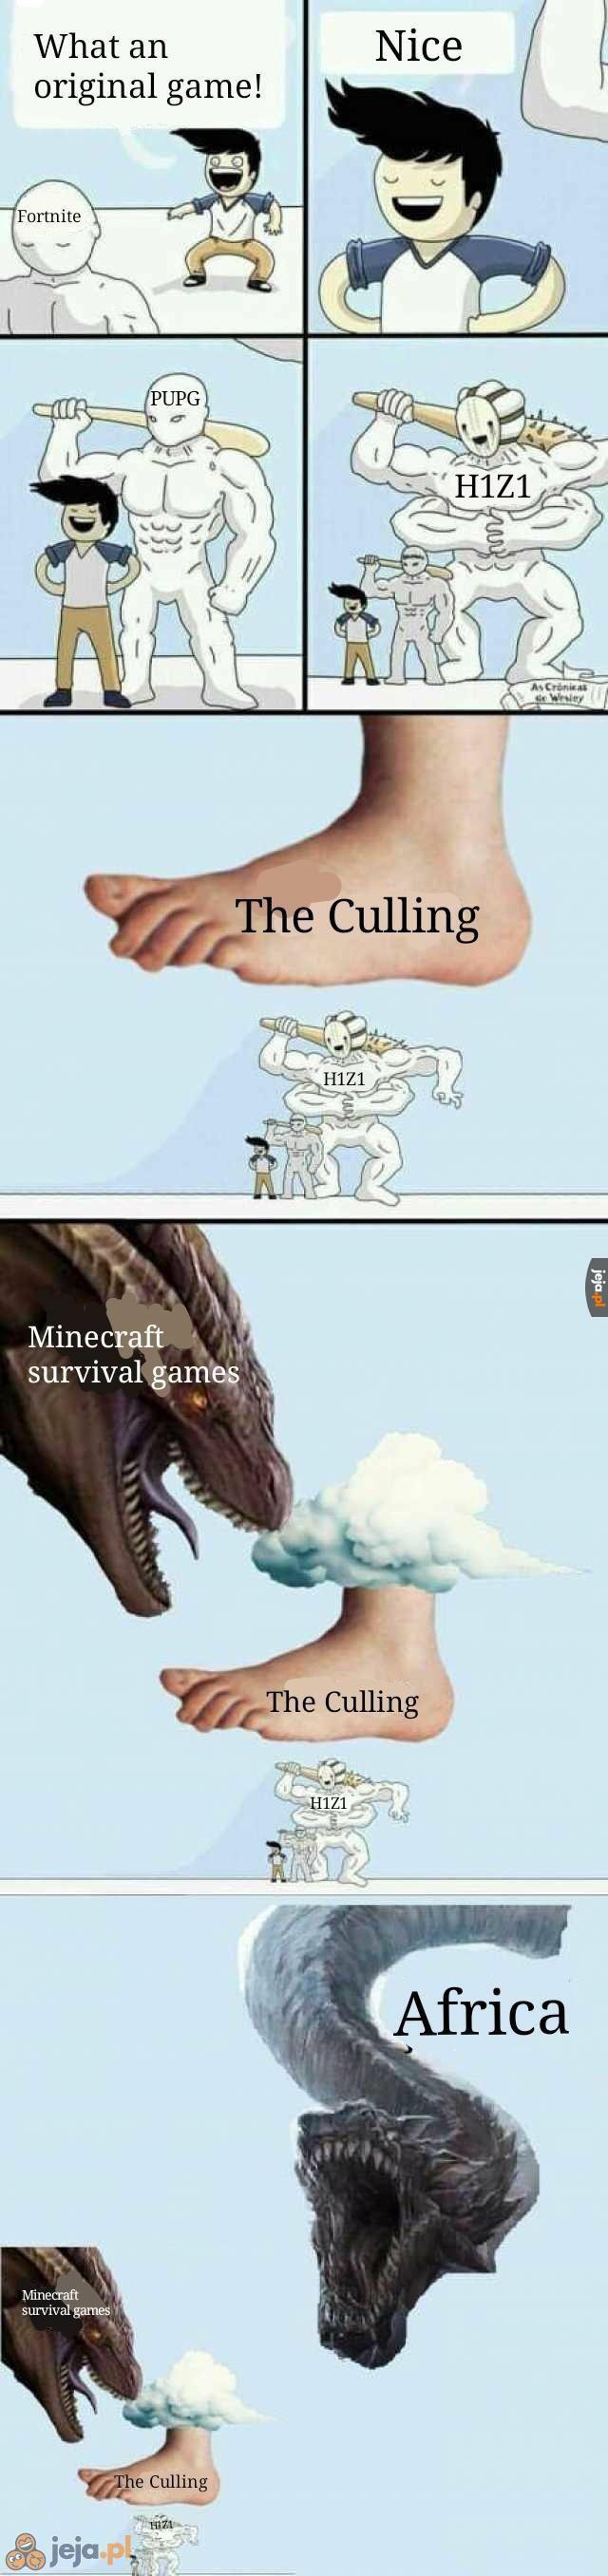 Prawdziwy Battle Royale